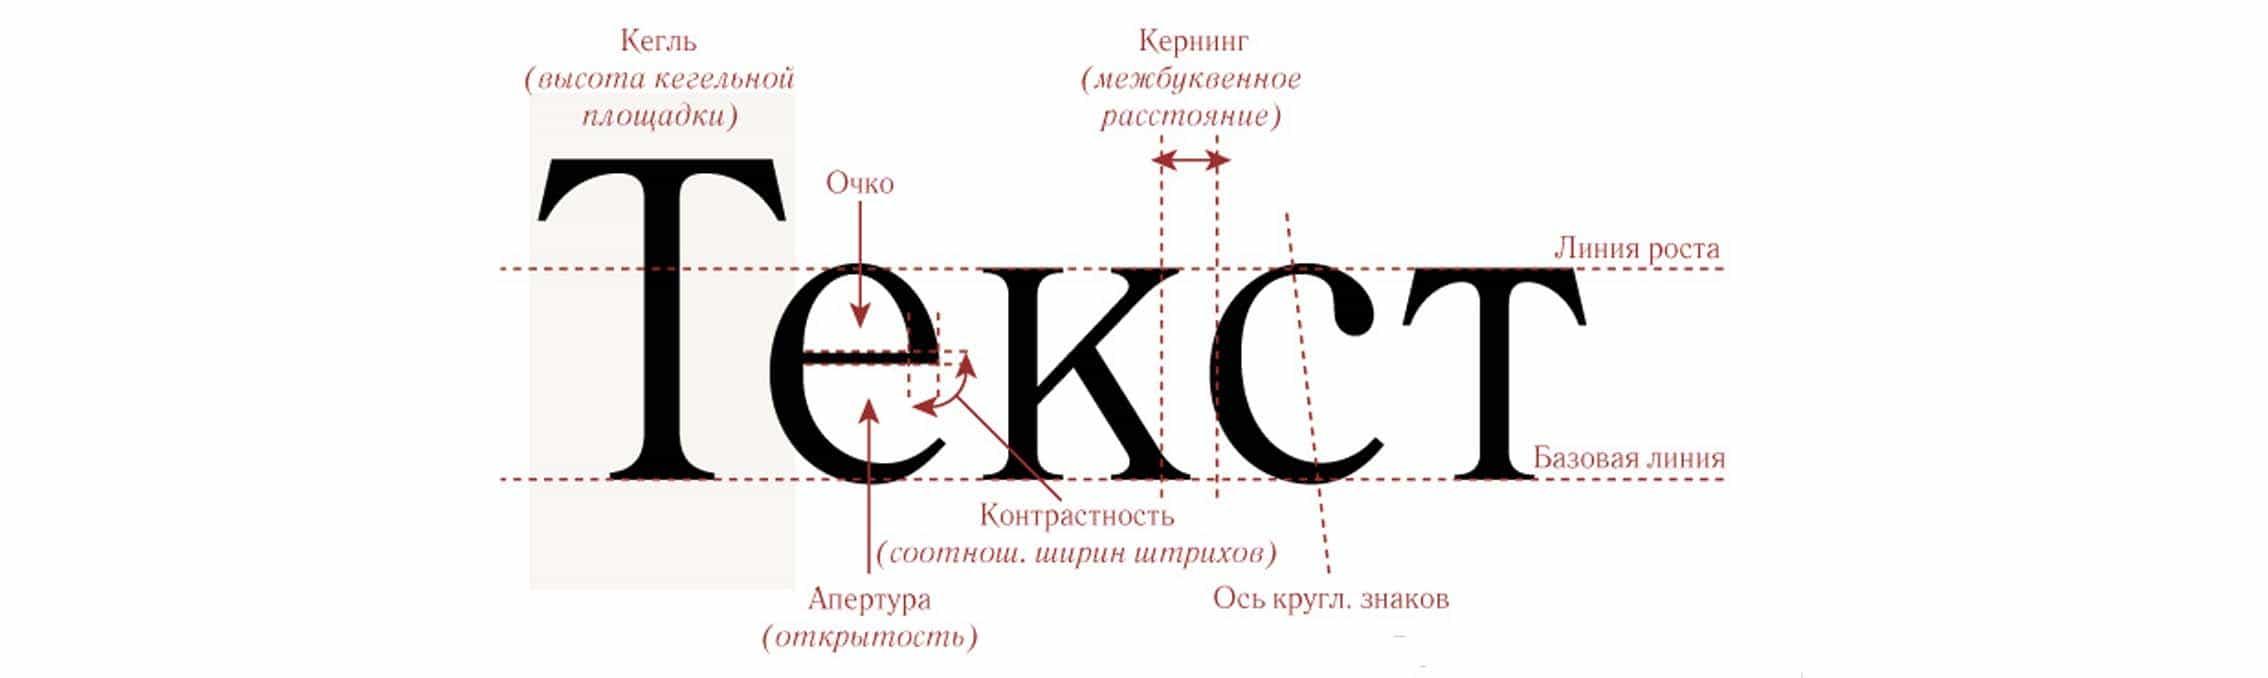 Разработка фирменного стиля. Шрифт